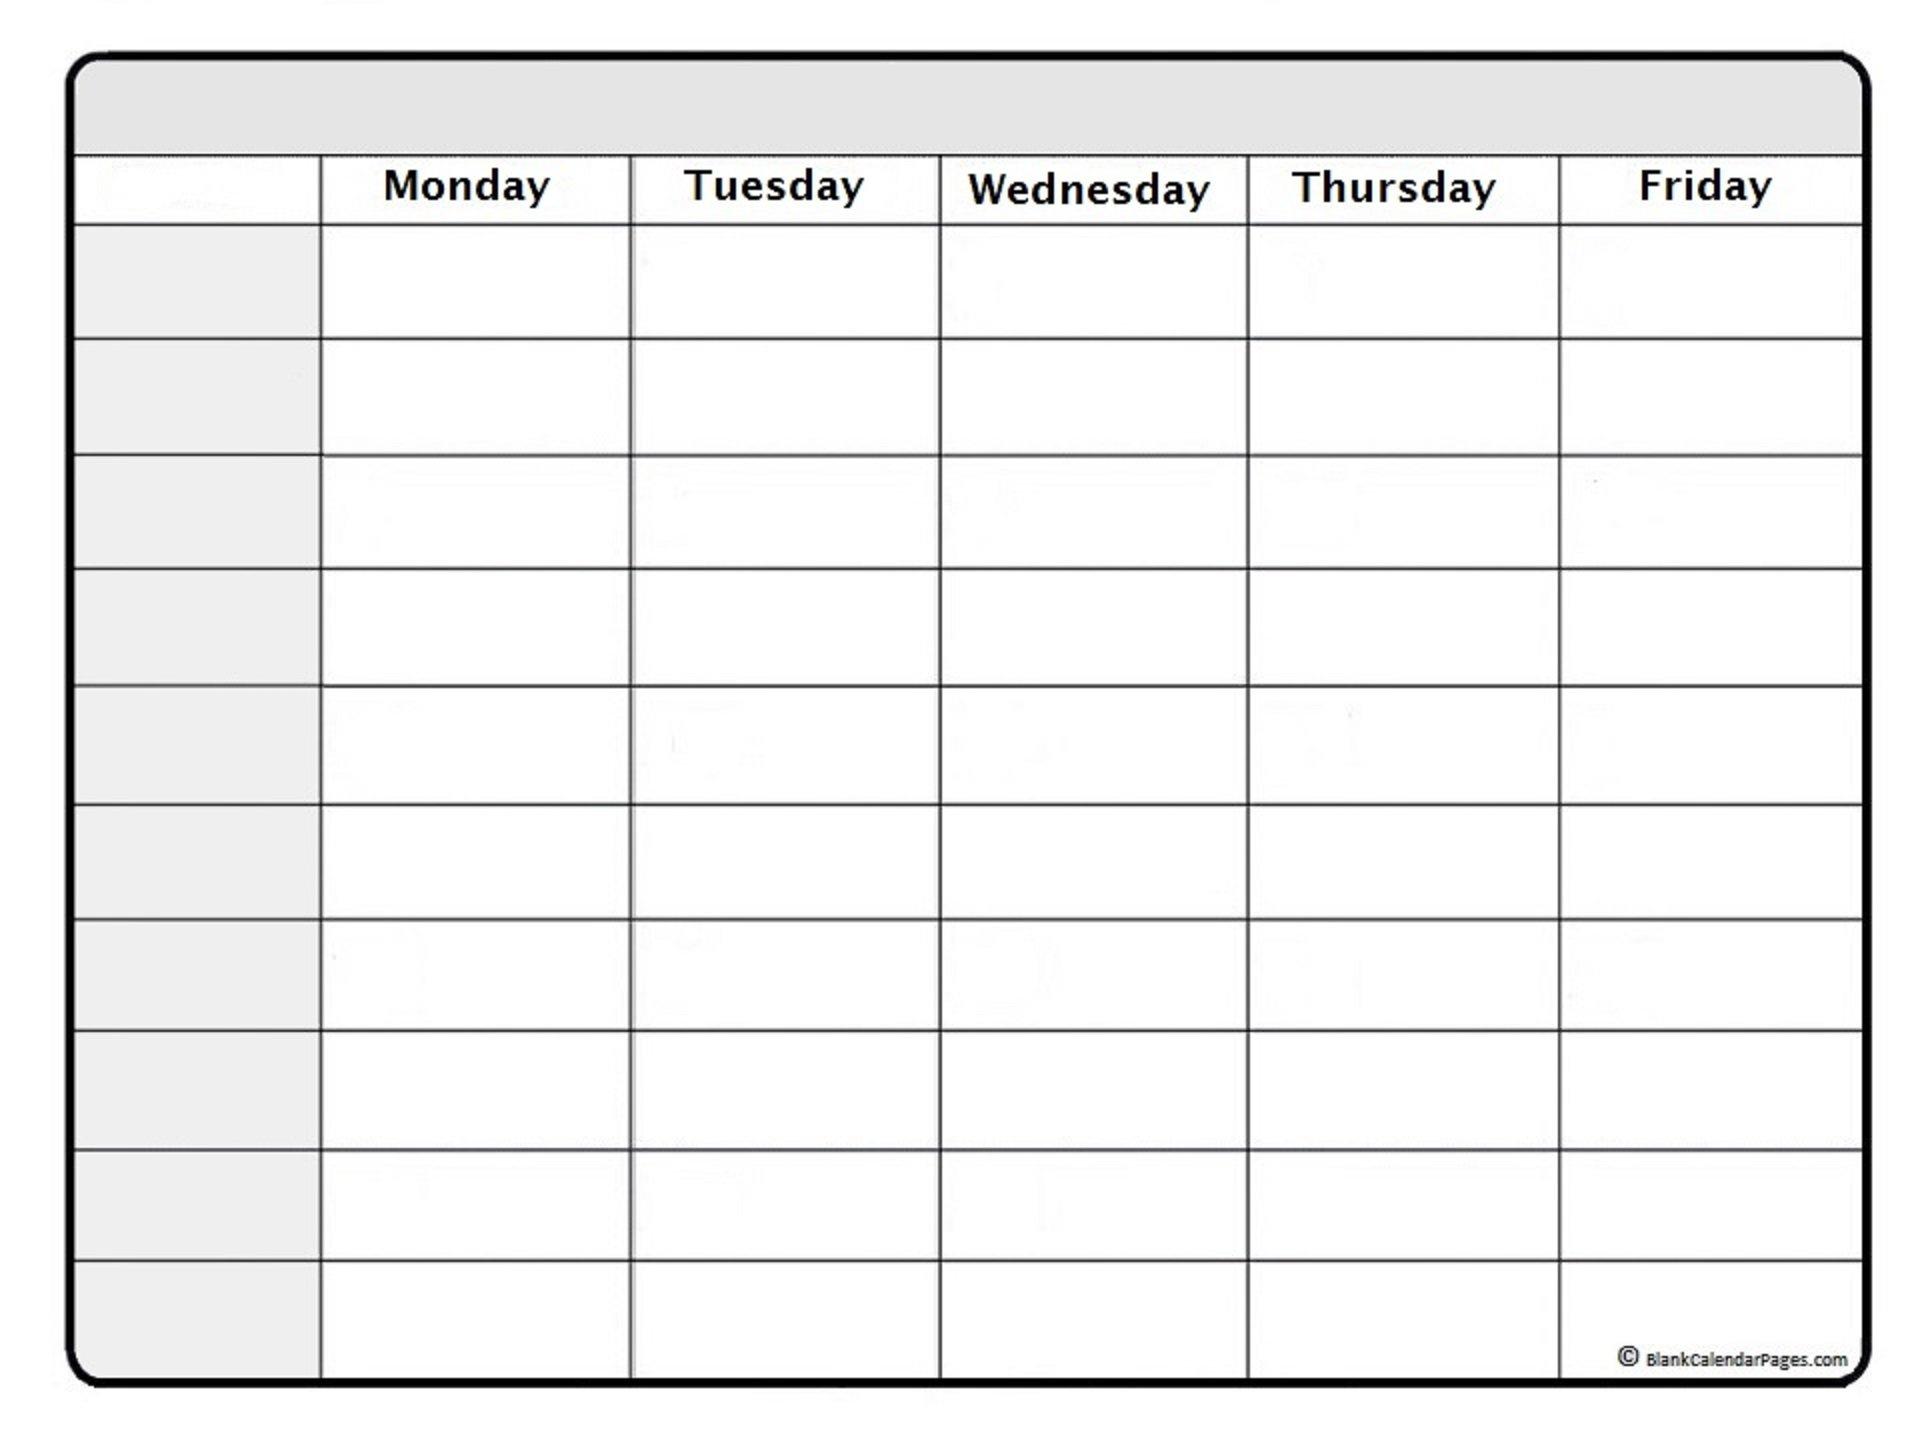 June 2020 Weekly Calendar | June 2020 Weekly Calendar Template One Week Printable Calnedar